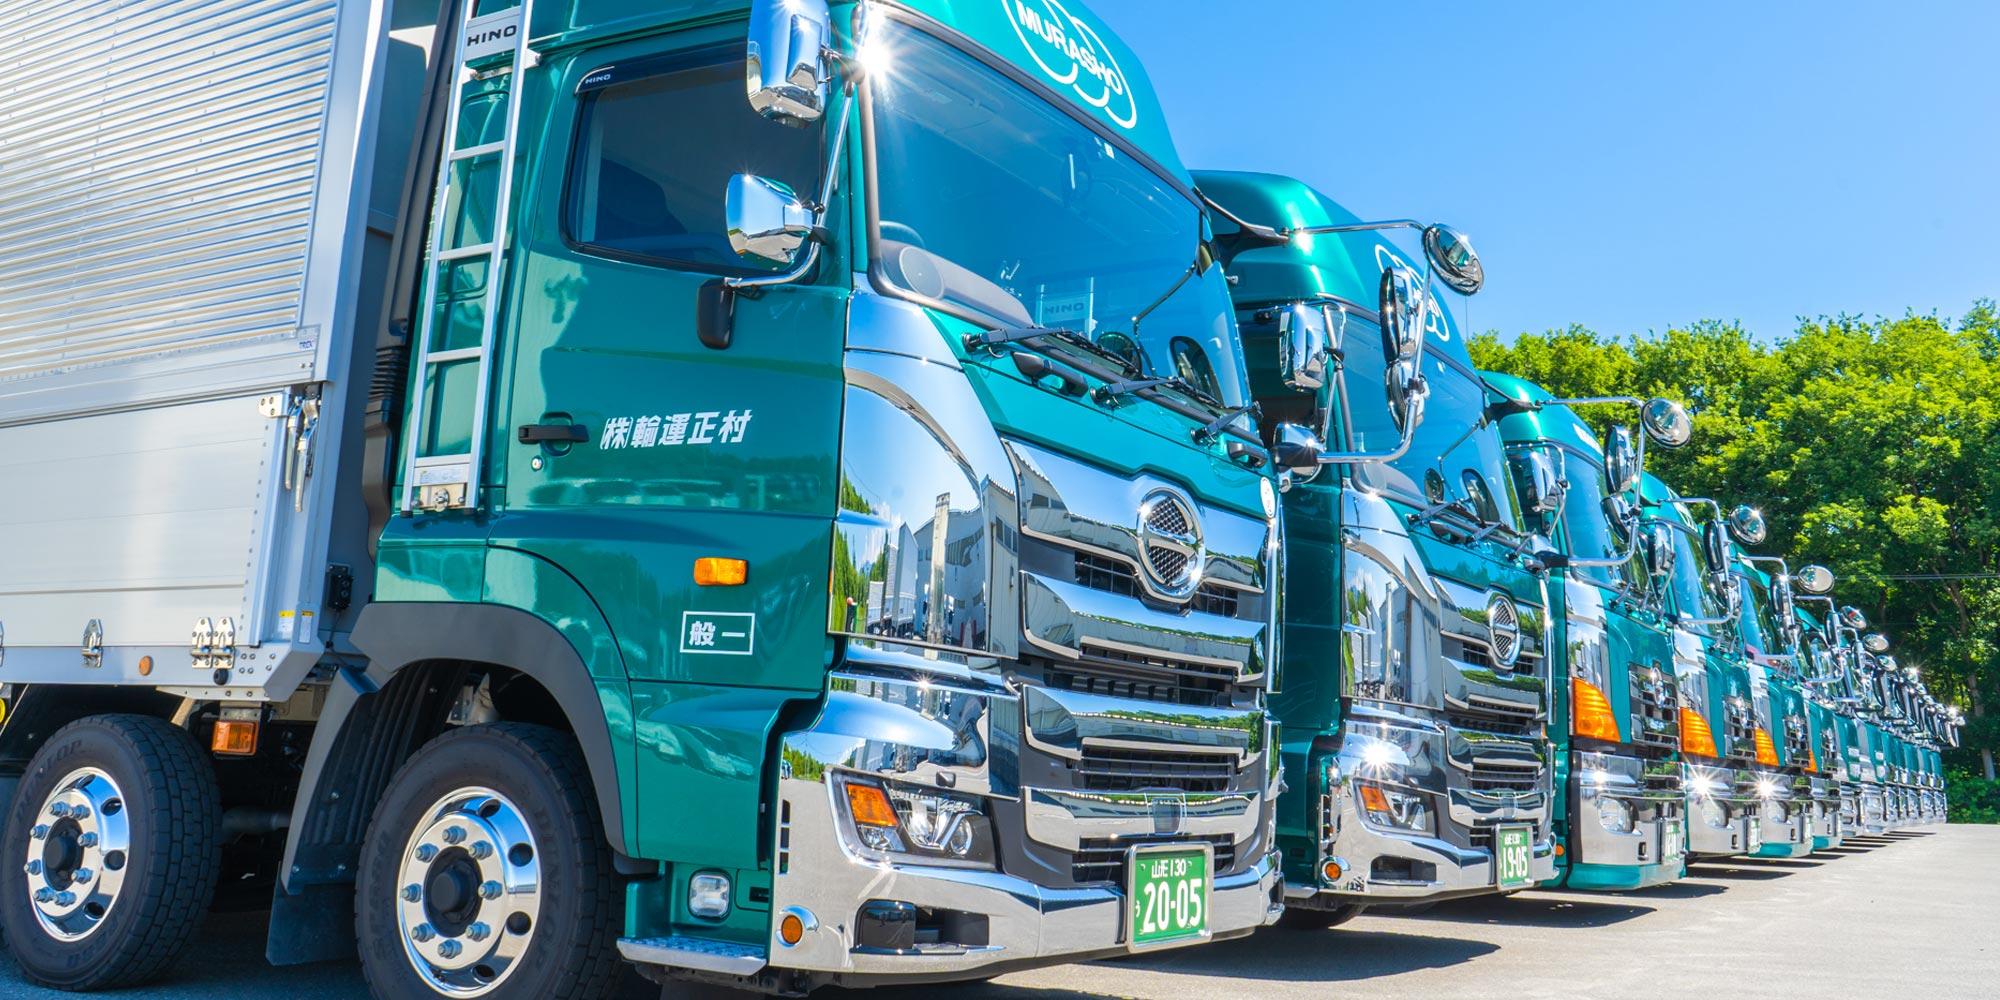 全従業員が心で運ぶトラック輸送